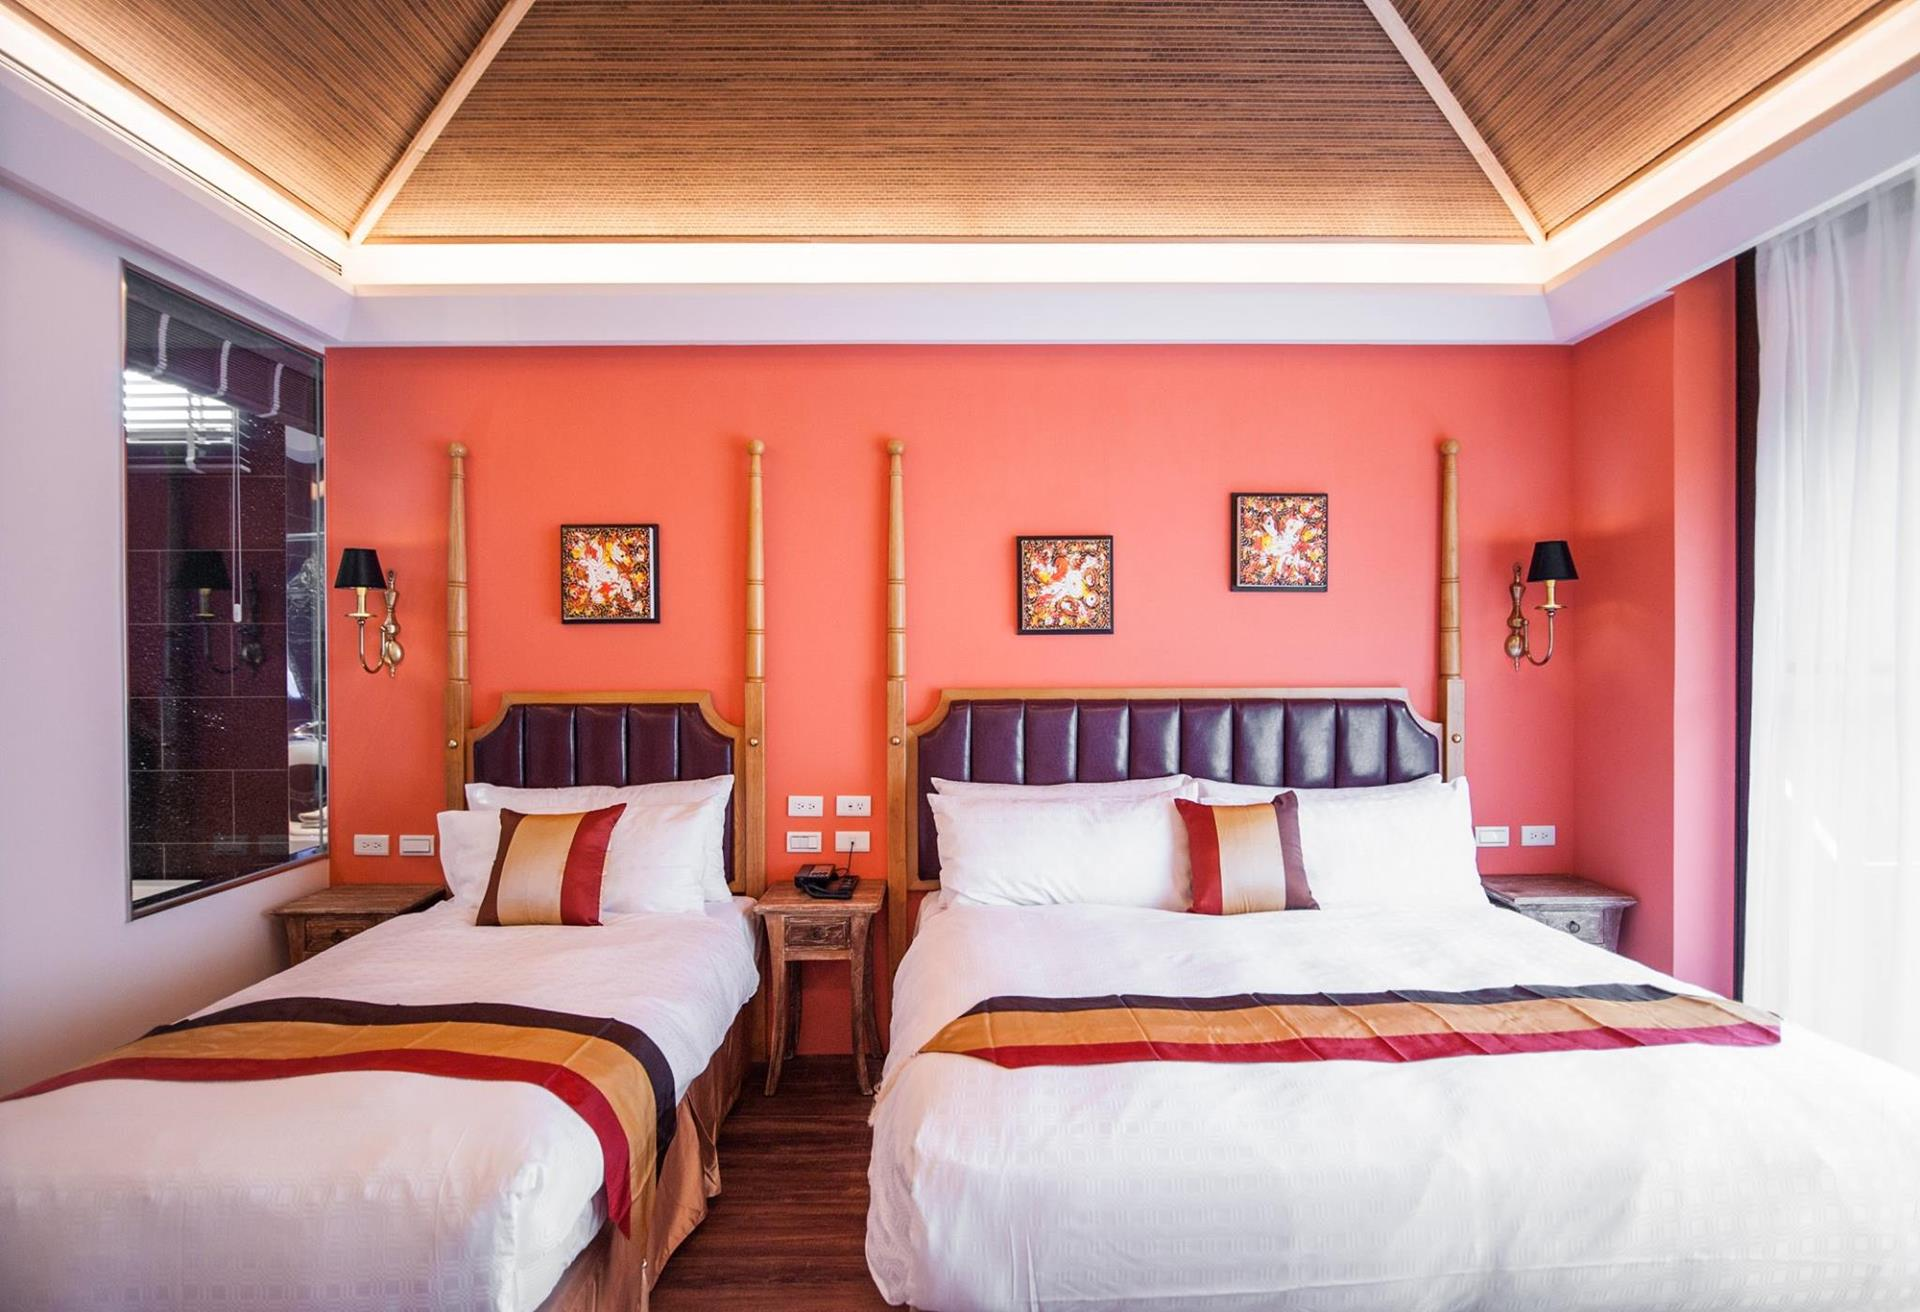 墾丁南灣民宿推薦 - 夢想家精緻旅店的接待大廳,佈置很有異國風情